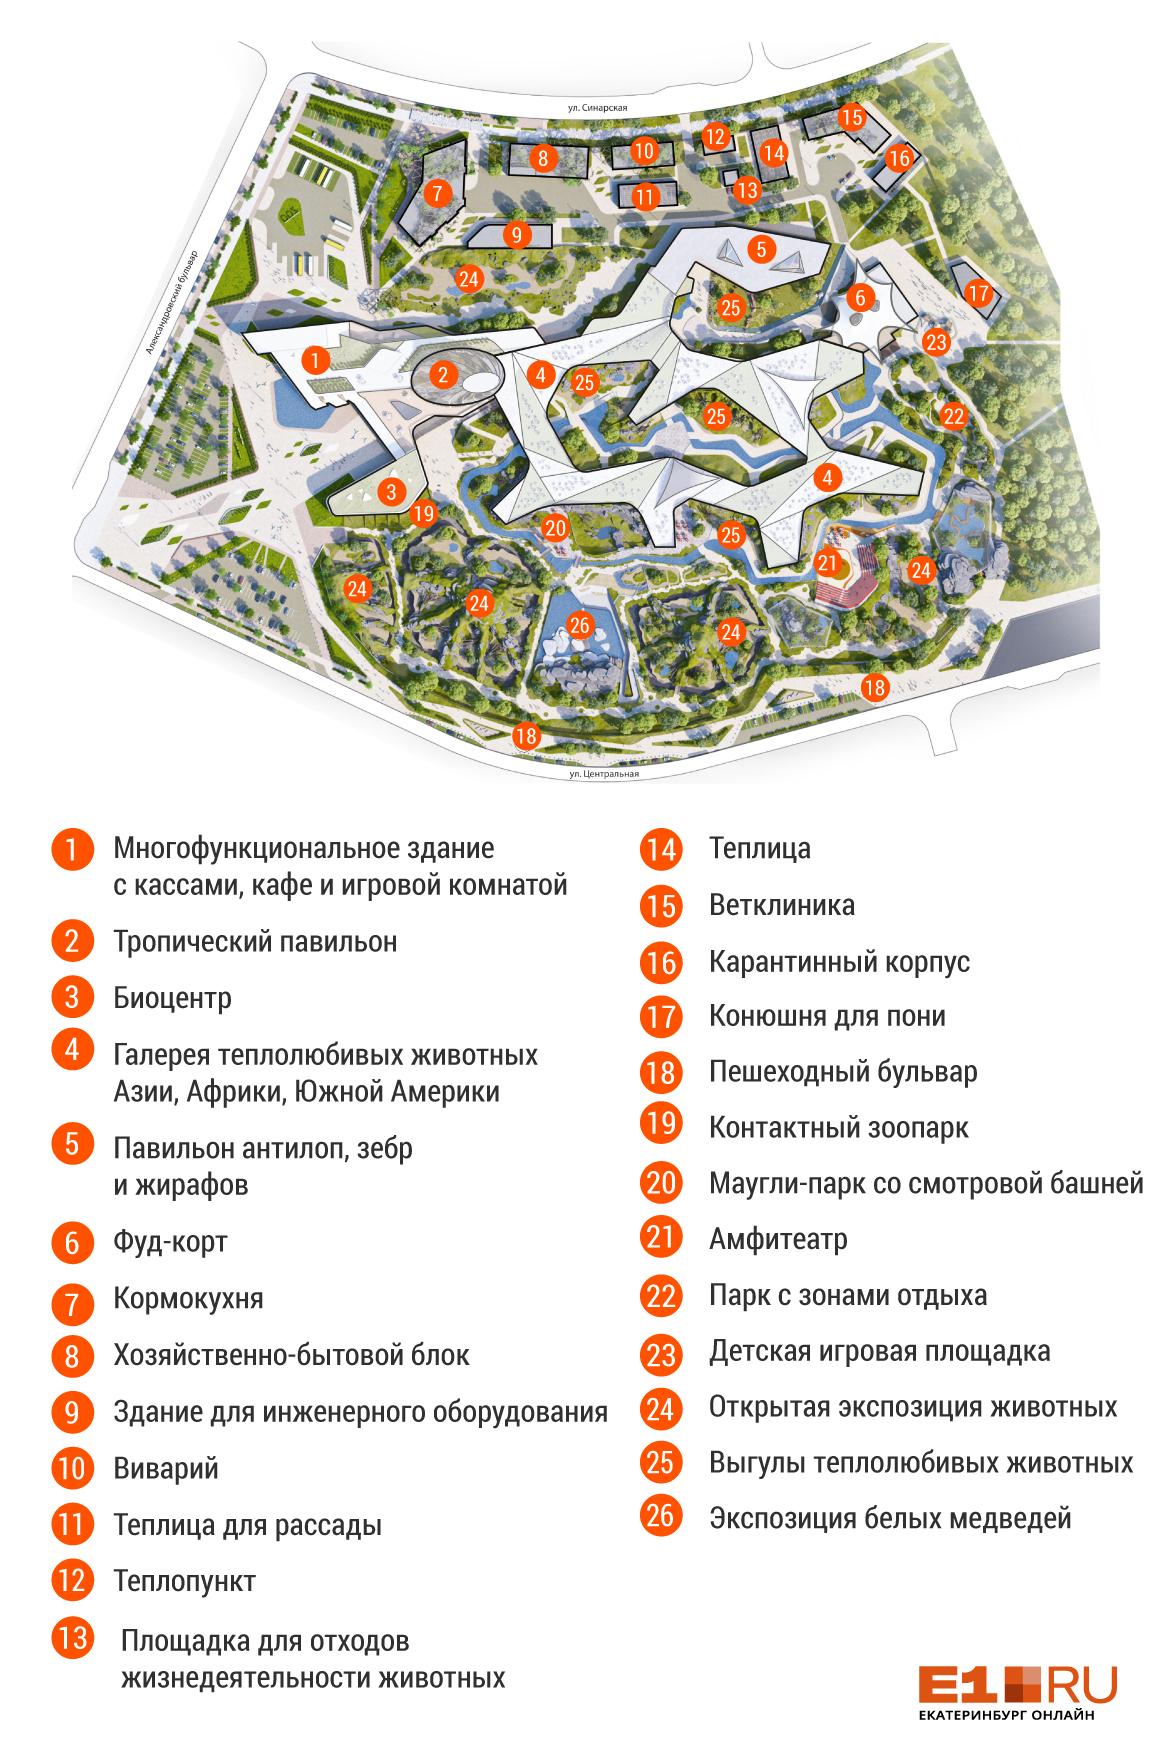 Это карта зданий зоопарка, а также других важных зон